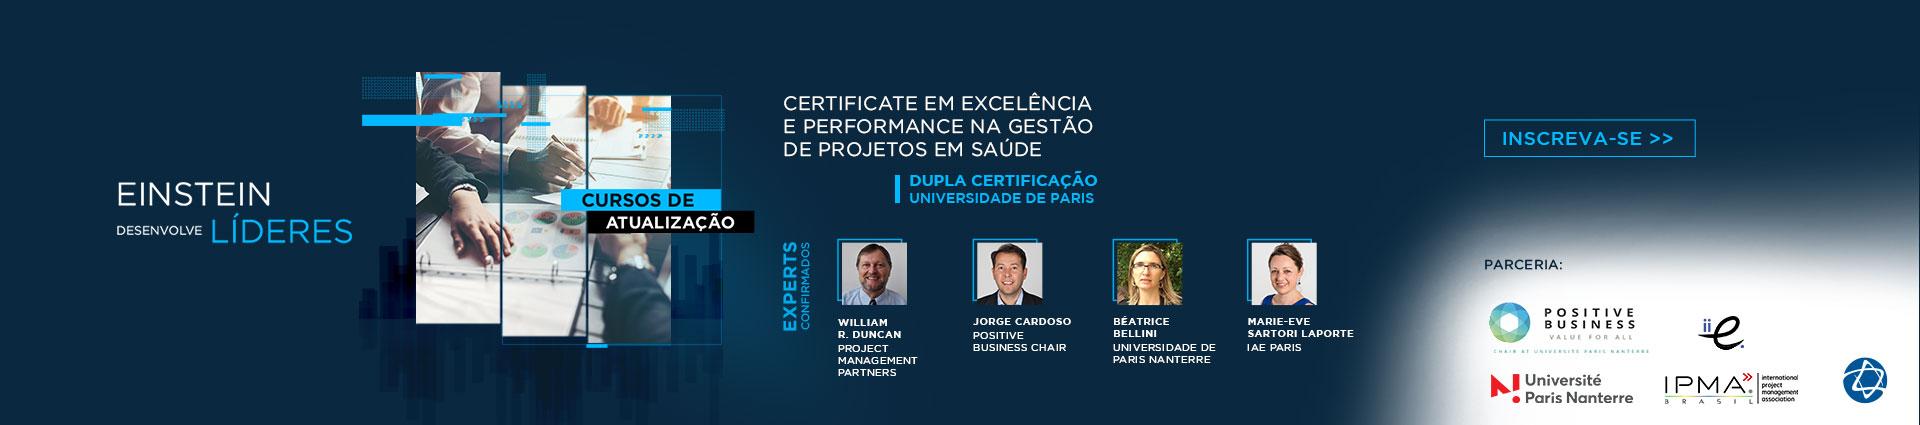 Banner_3_CUAT-Gestão_Certificate-em-Excelência